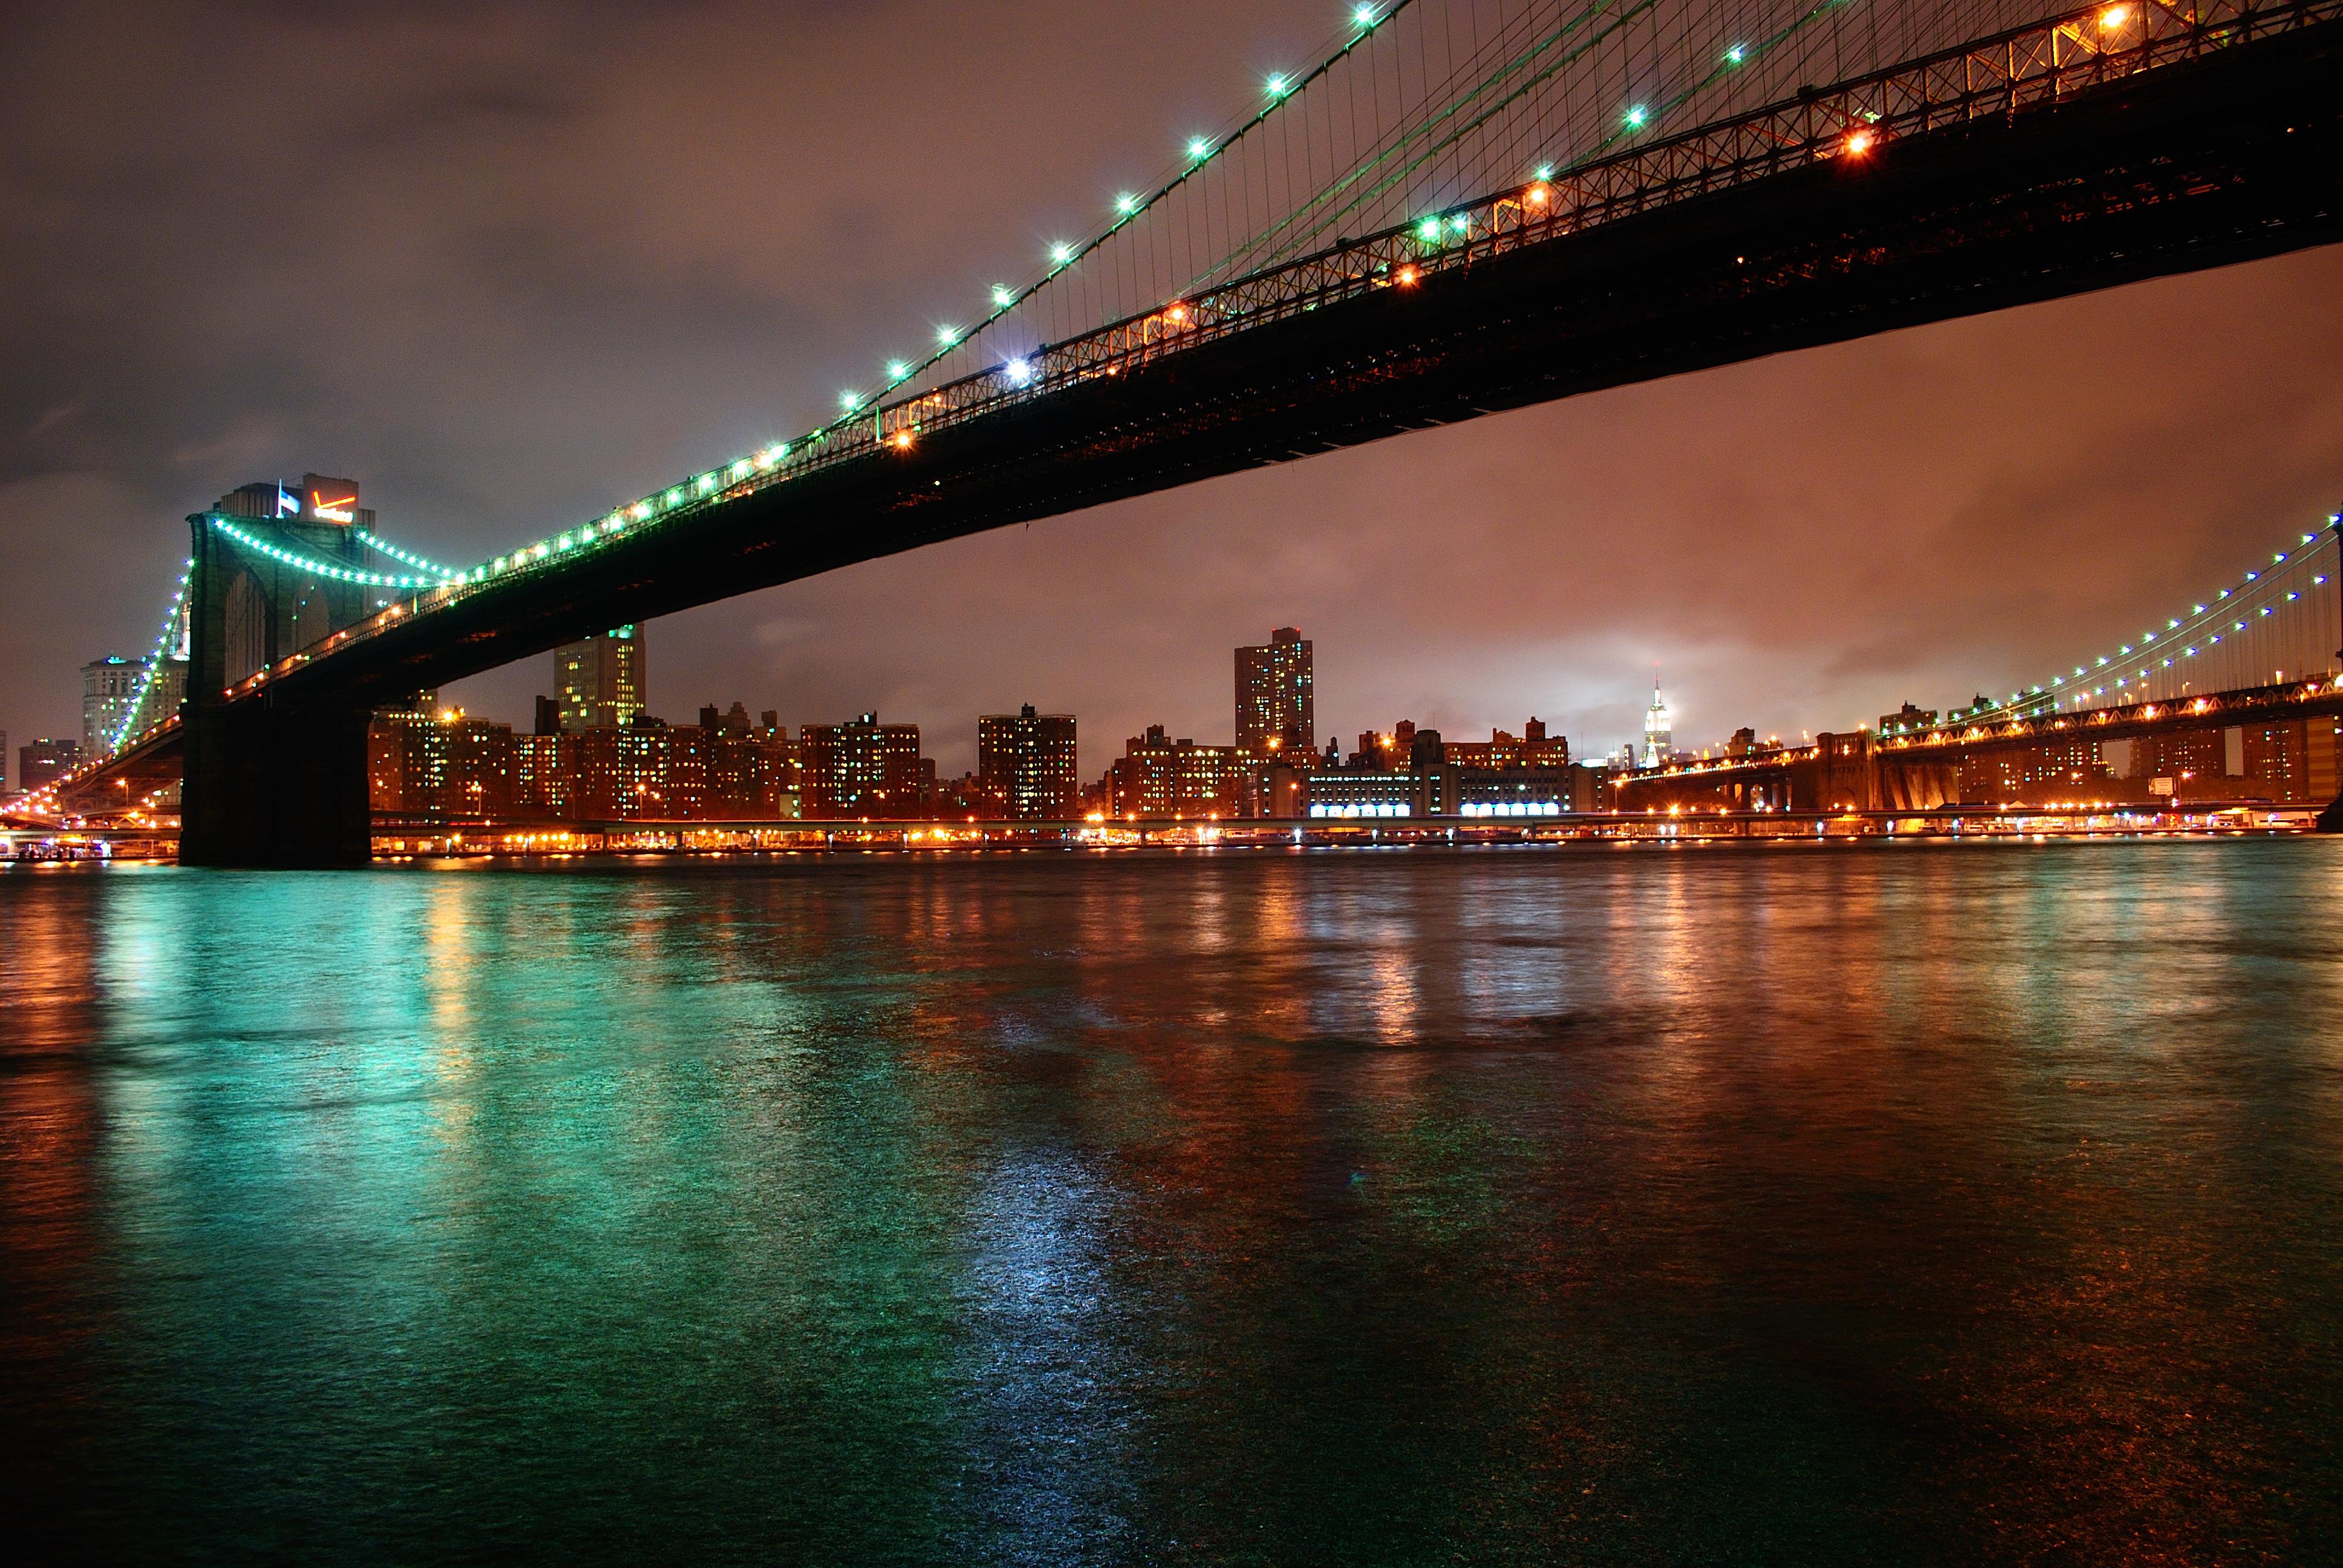 картинки на рабочий стол бруклинский мост вам